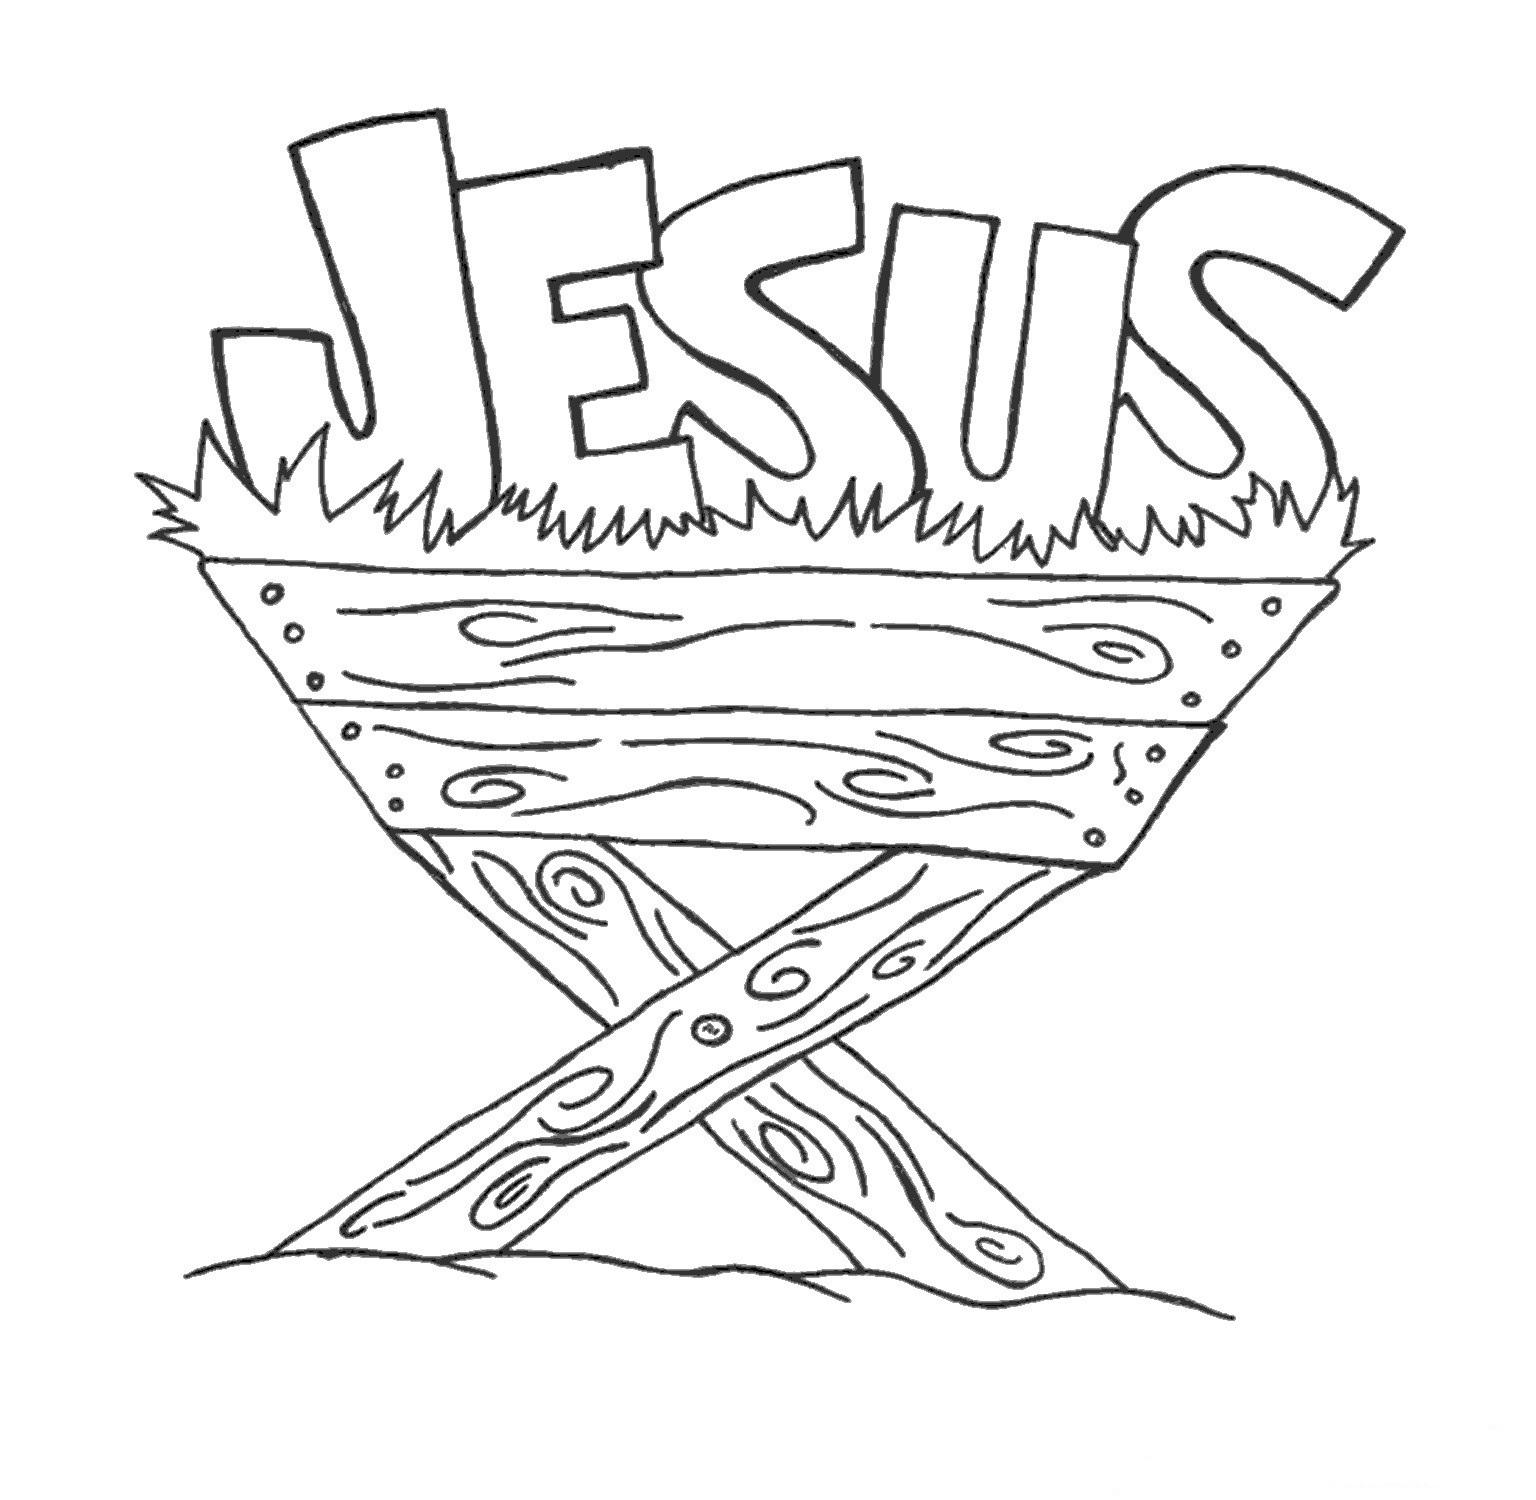 Großzügig Dibujos Cristianos Für Colororear Dibujos Cristianos Para ...